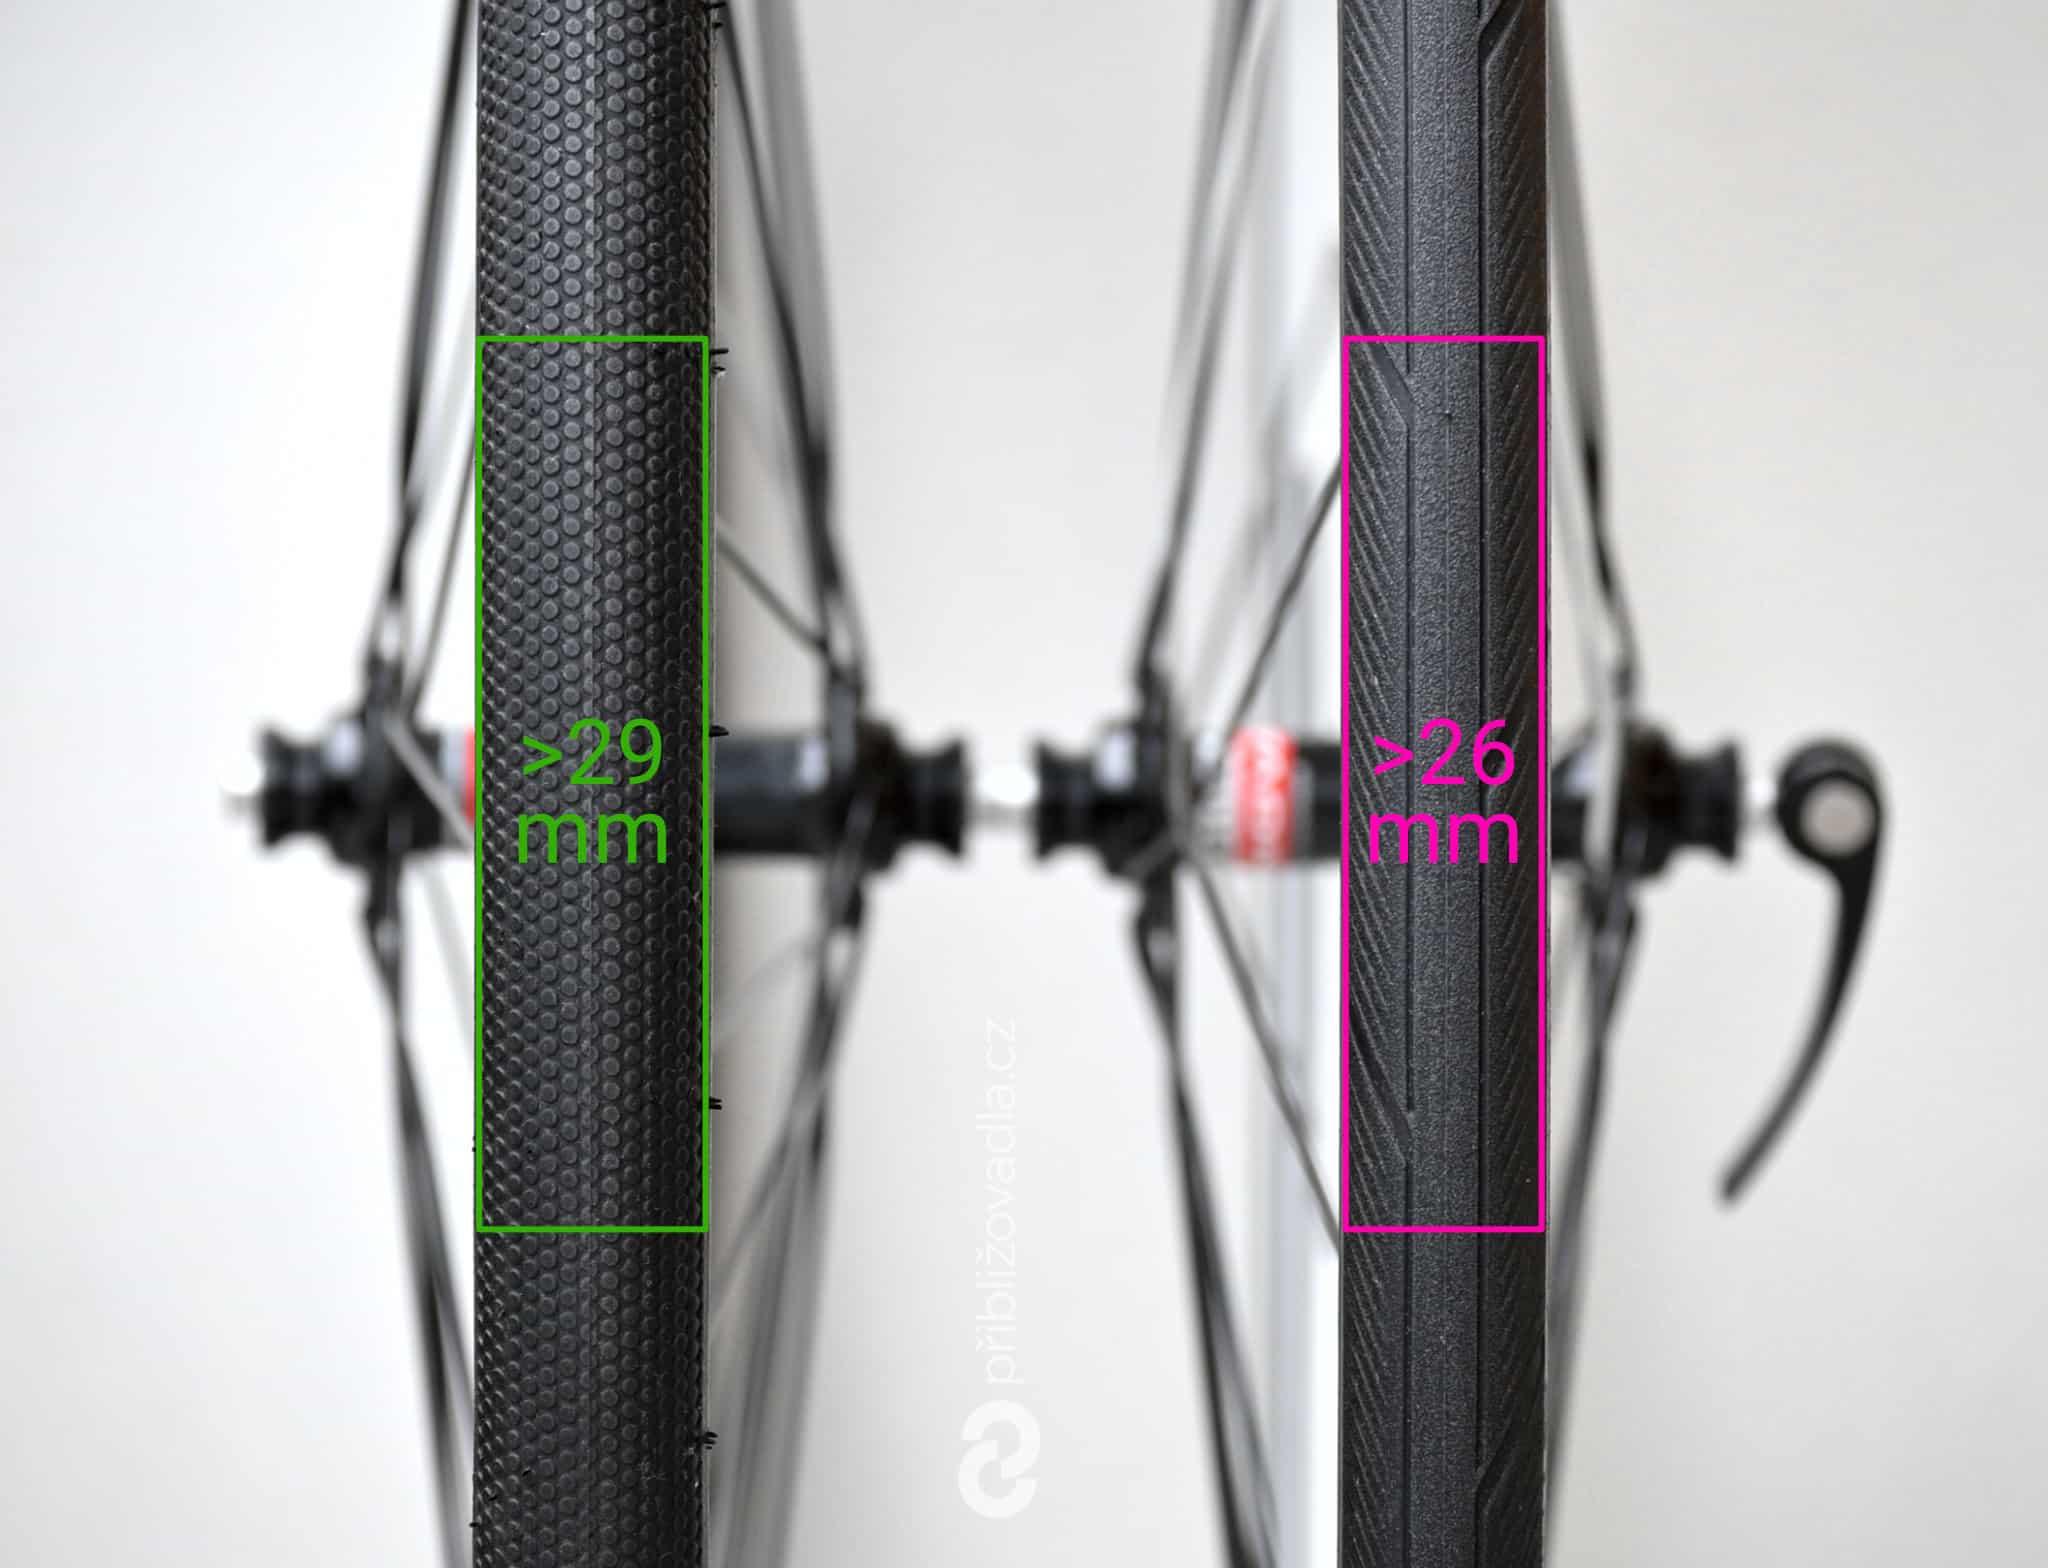 Porovnání šířky plášťů Continental Ultra Sport III 700×25c a Schwalbe G-One Speed 700×30c